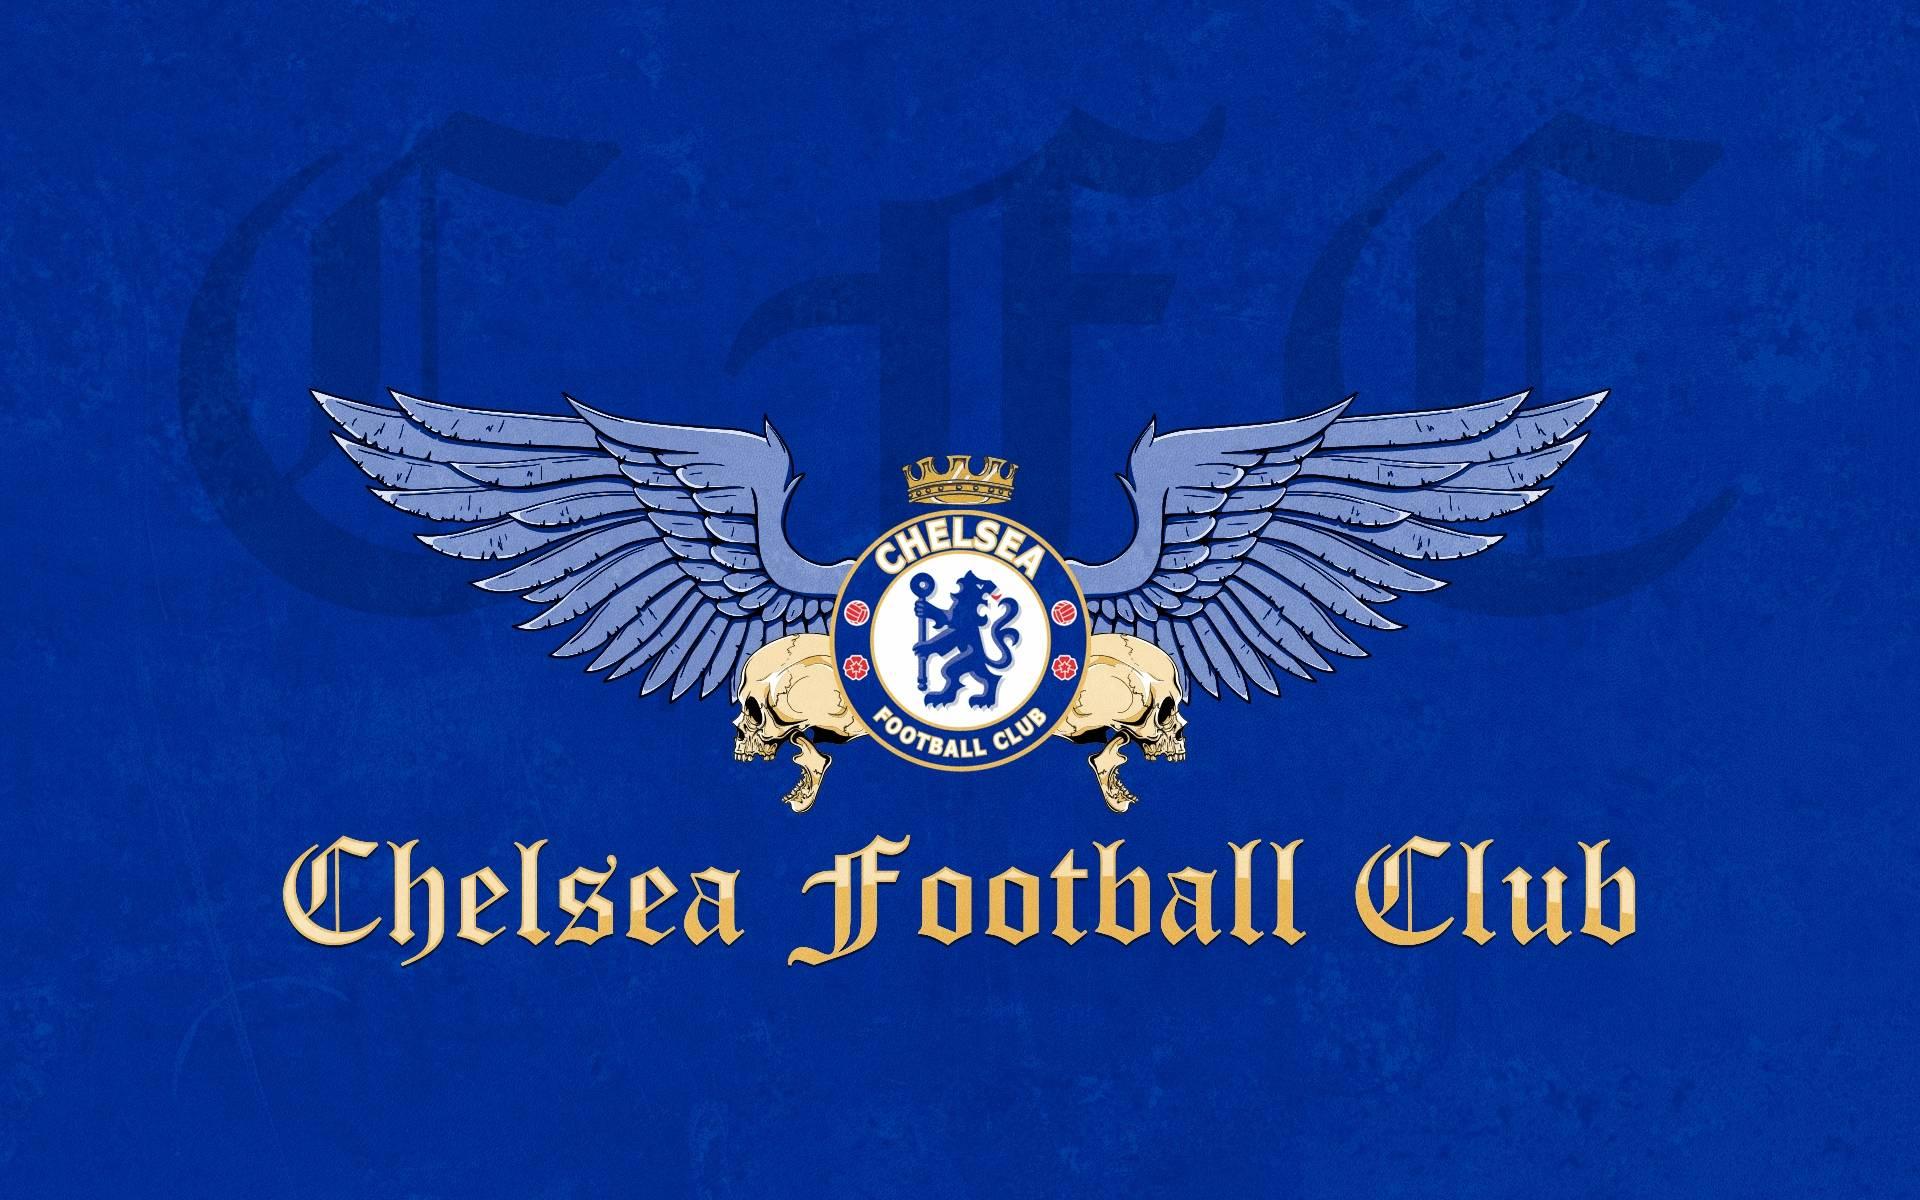 Chelsea Football Club Skull Wallpaper HD 198 #2304 Wallpaper ...